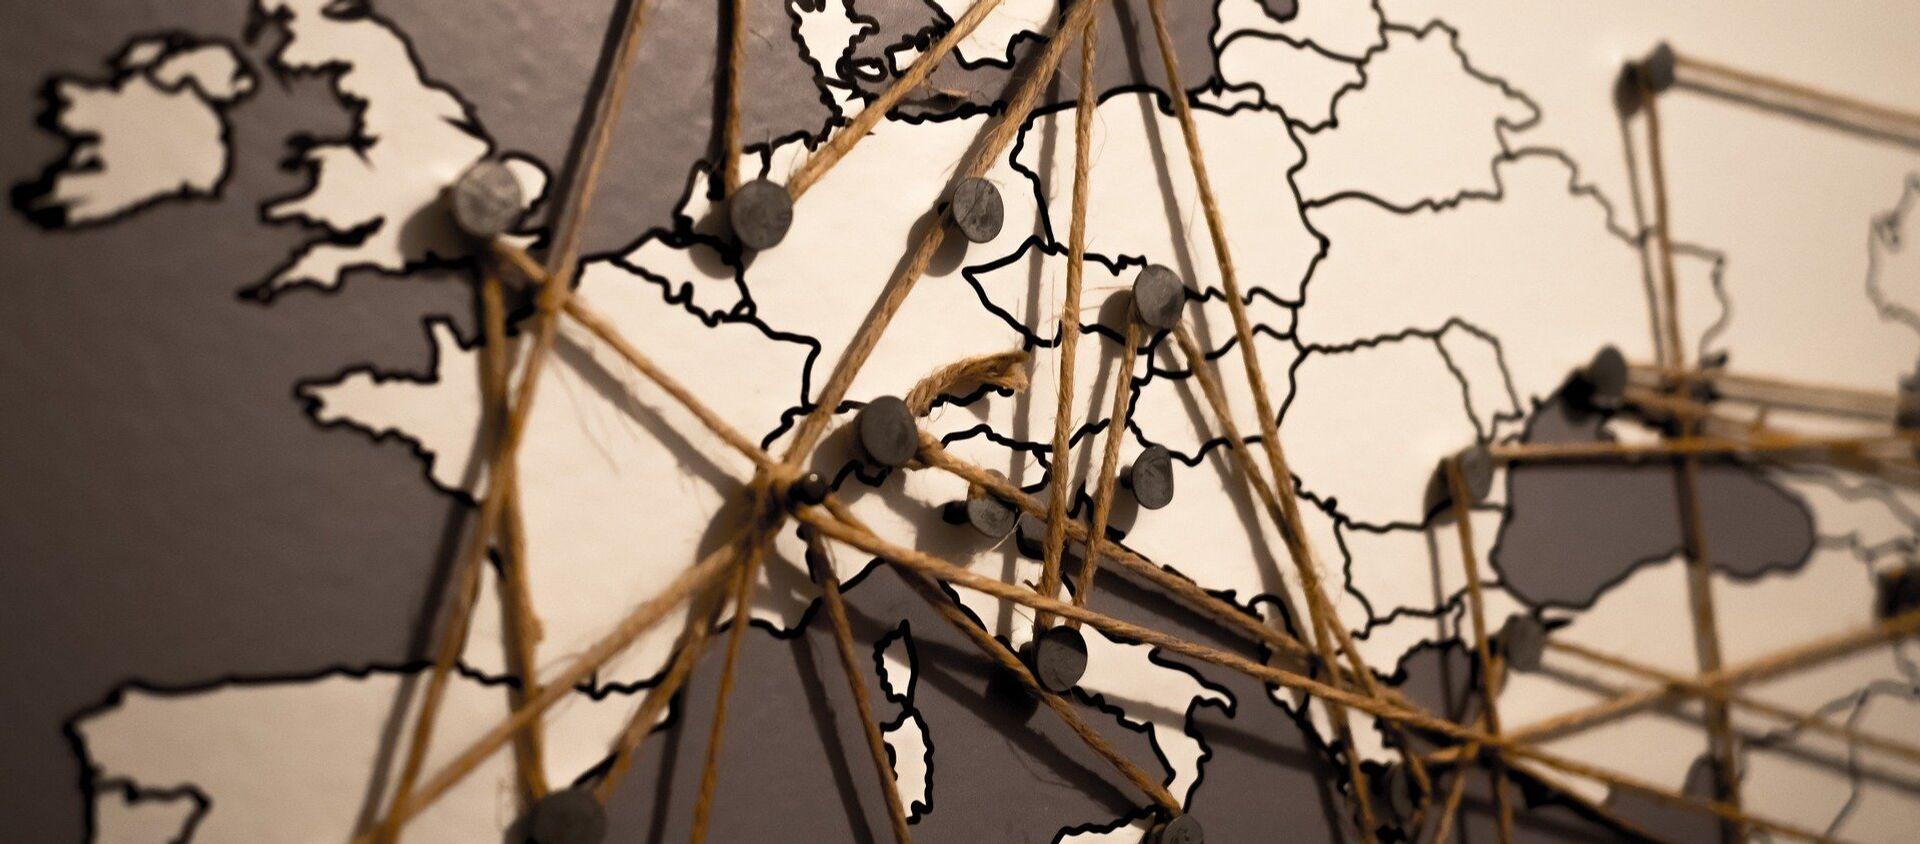 El mapa de Europa - Sputnik Mundo, 1920, 11.06.2020